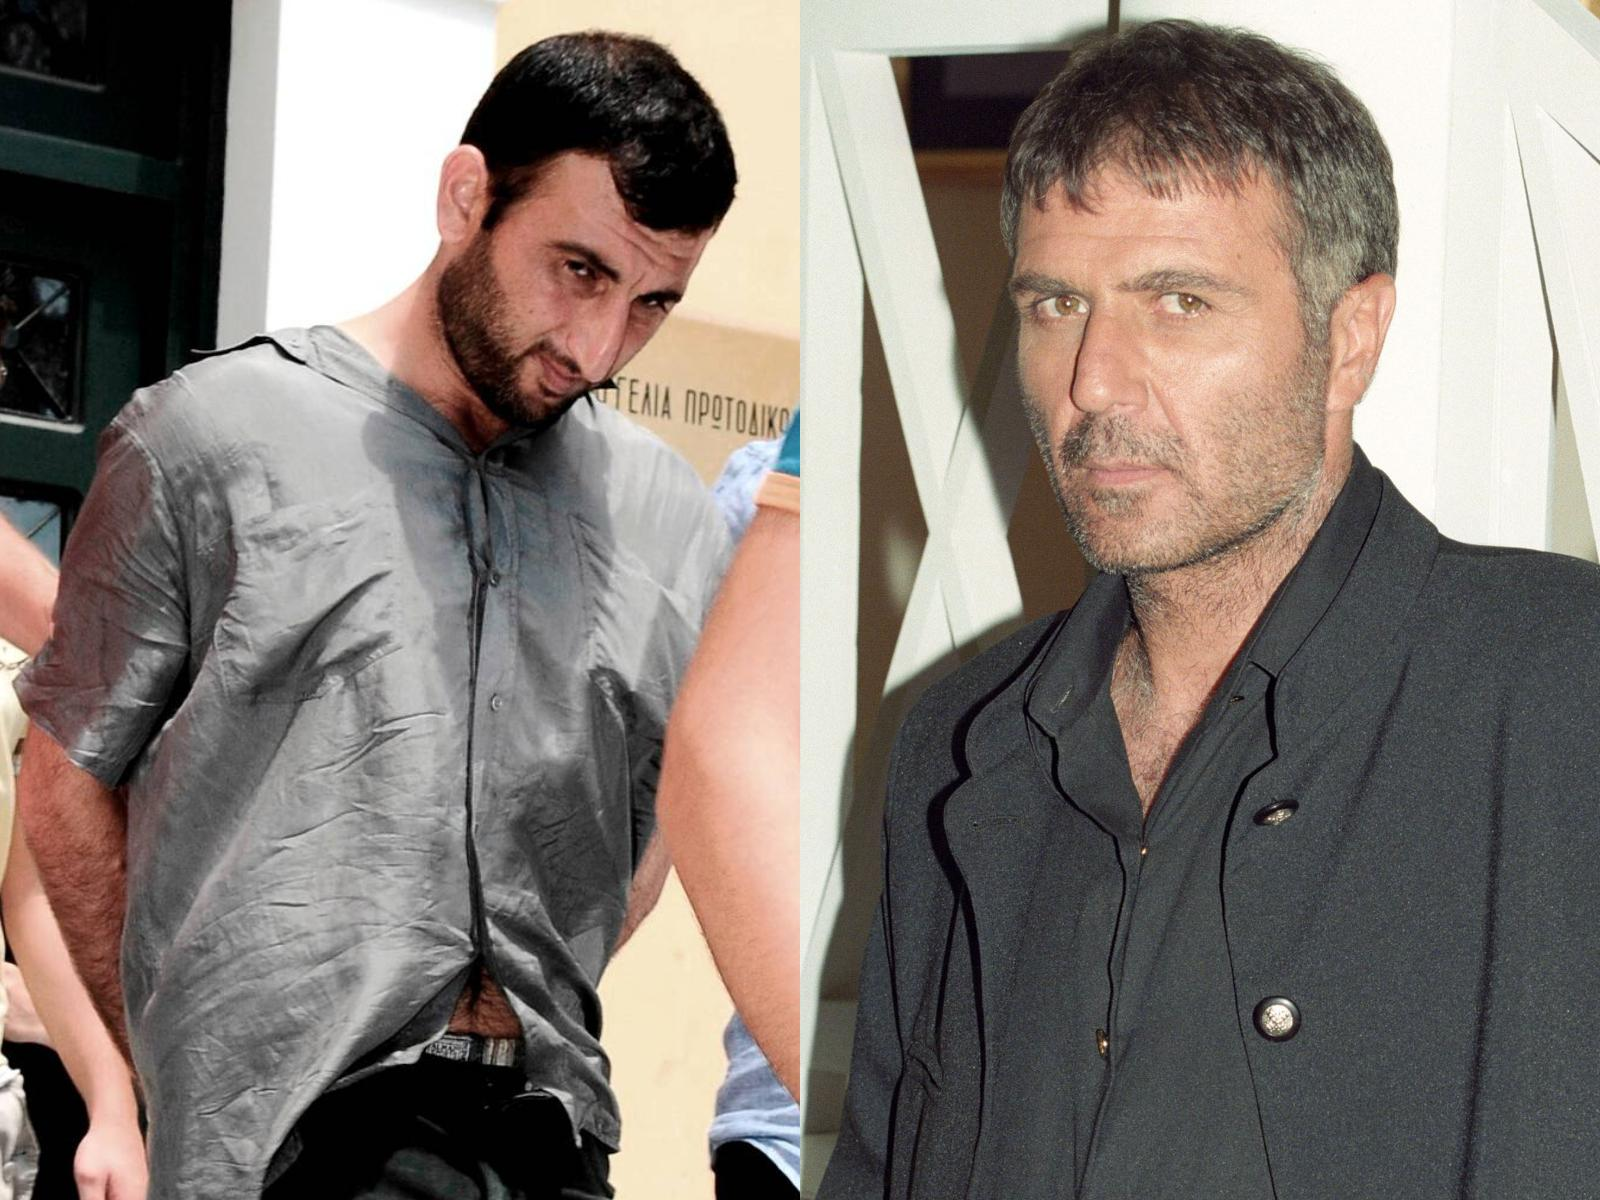 Χανιά: Ο δολοφόνος του Σεριανόπουλου σκότωσε συγκρατούμενό του